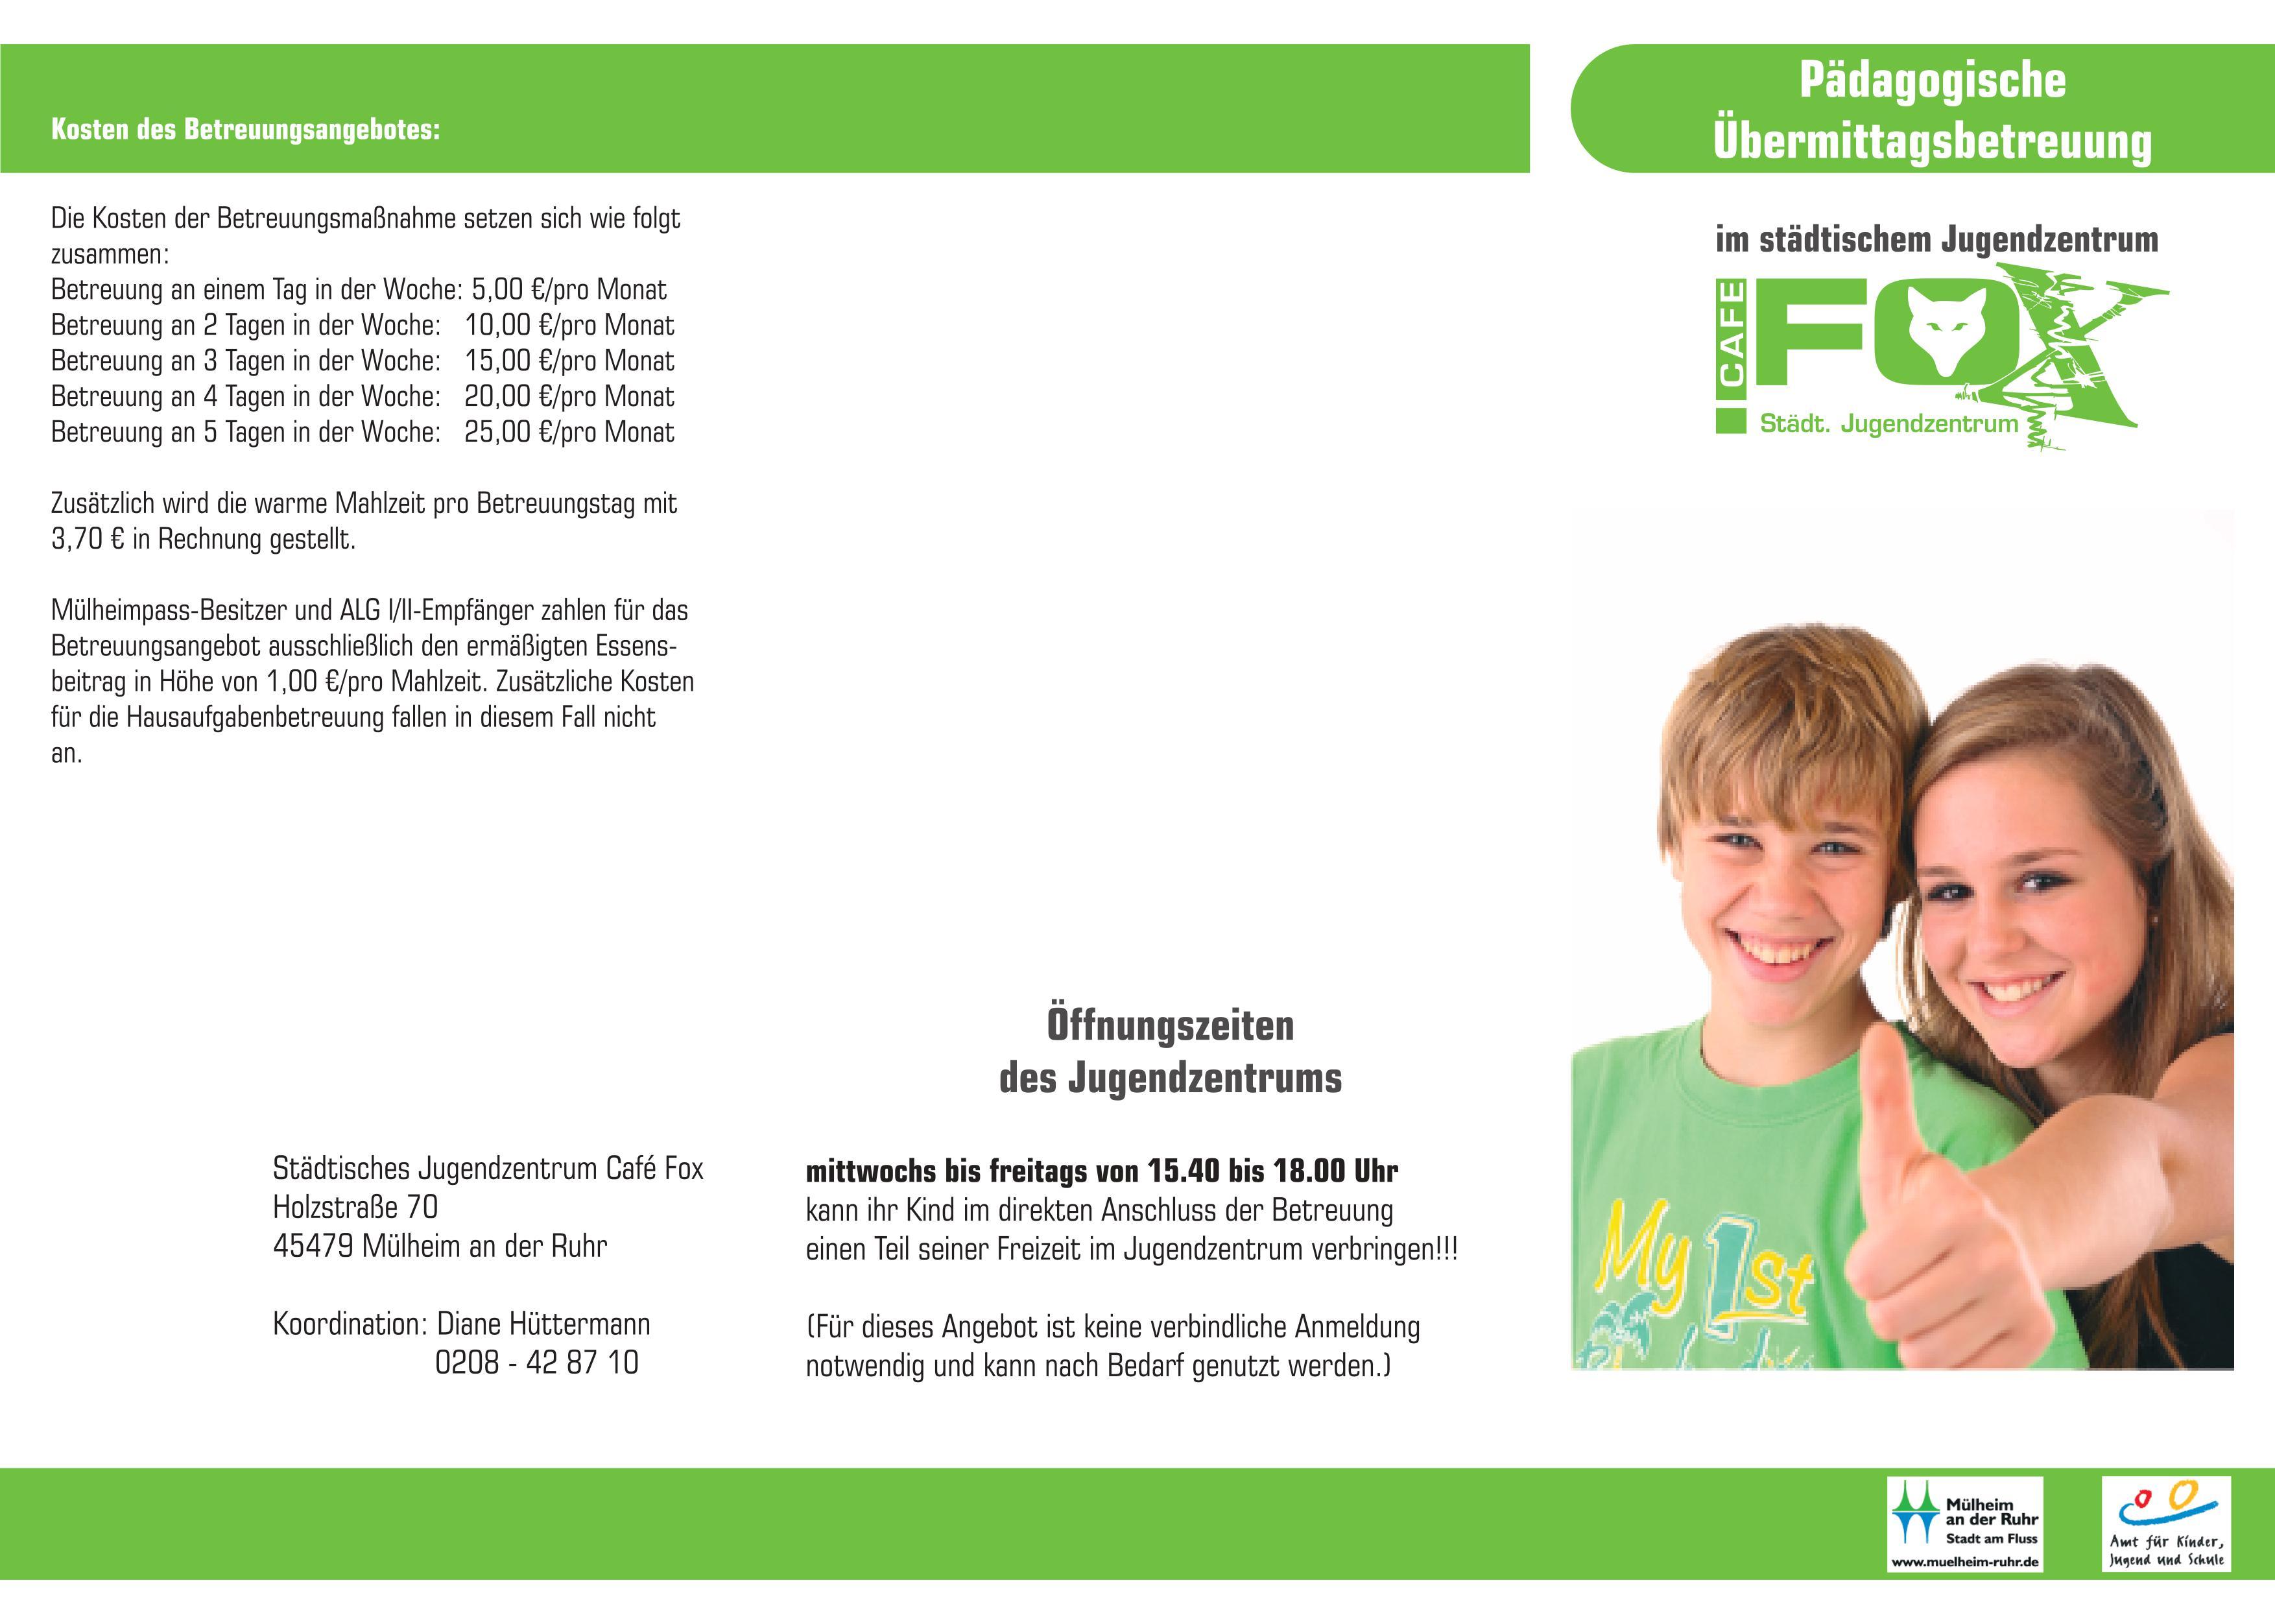 Flyer Infos bermittagsbetreuung 1 3